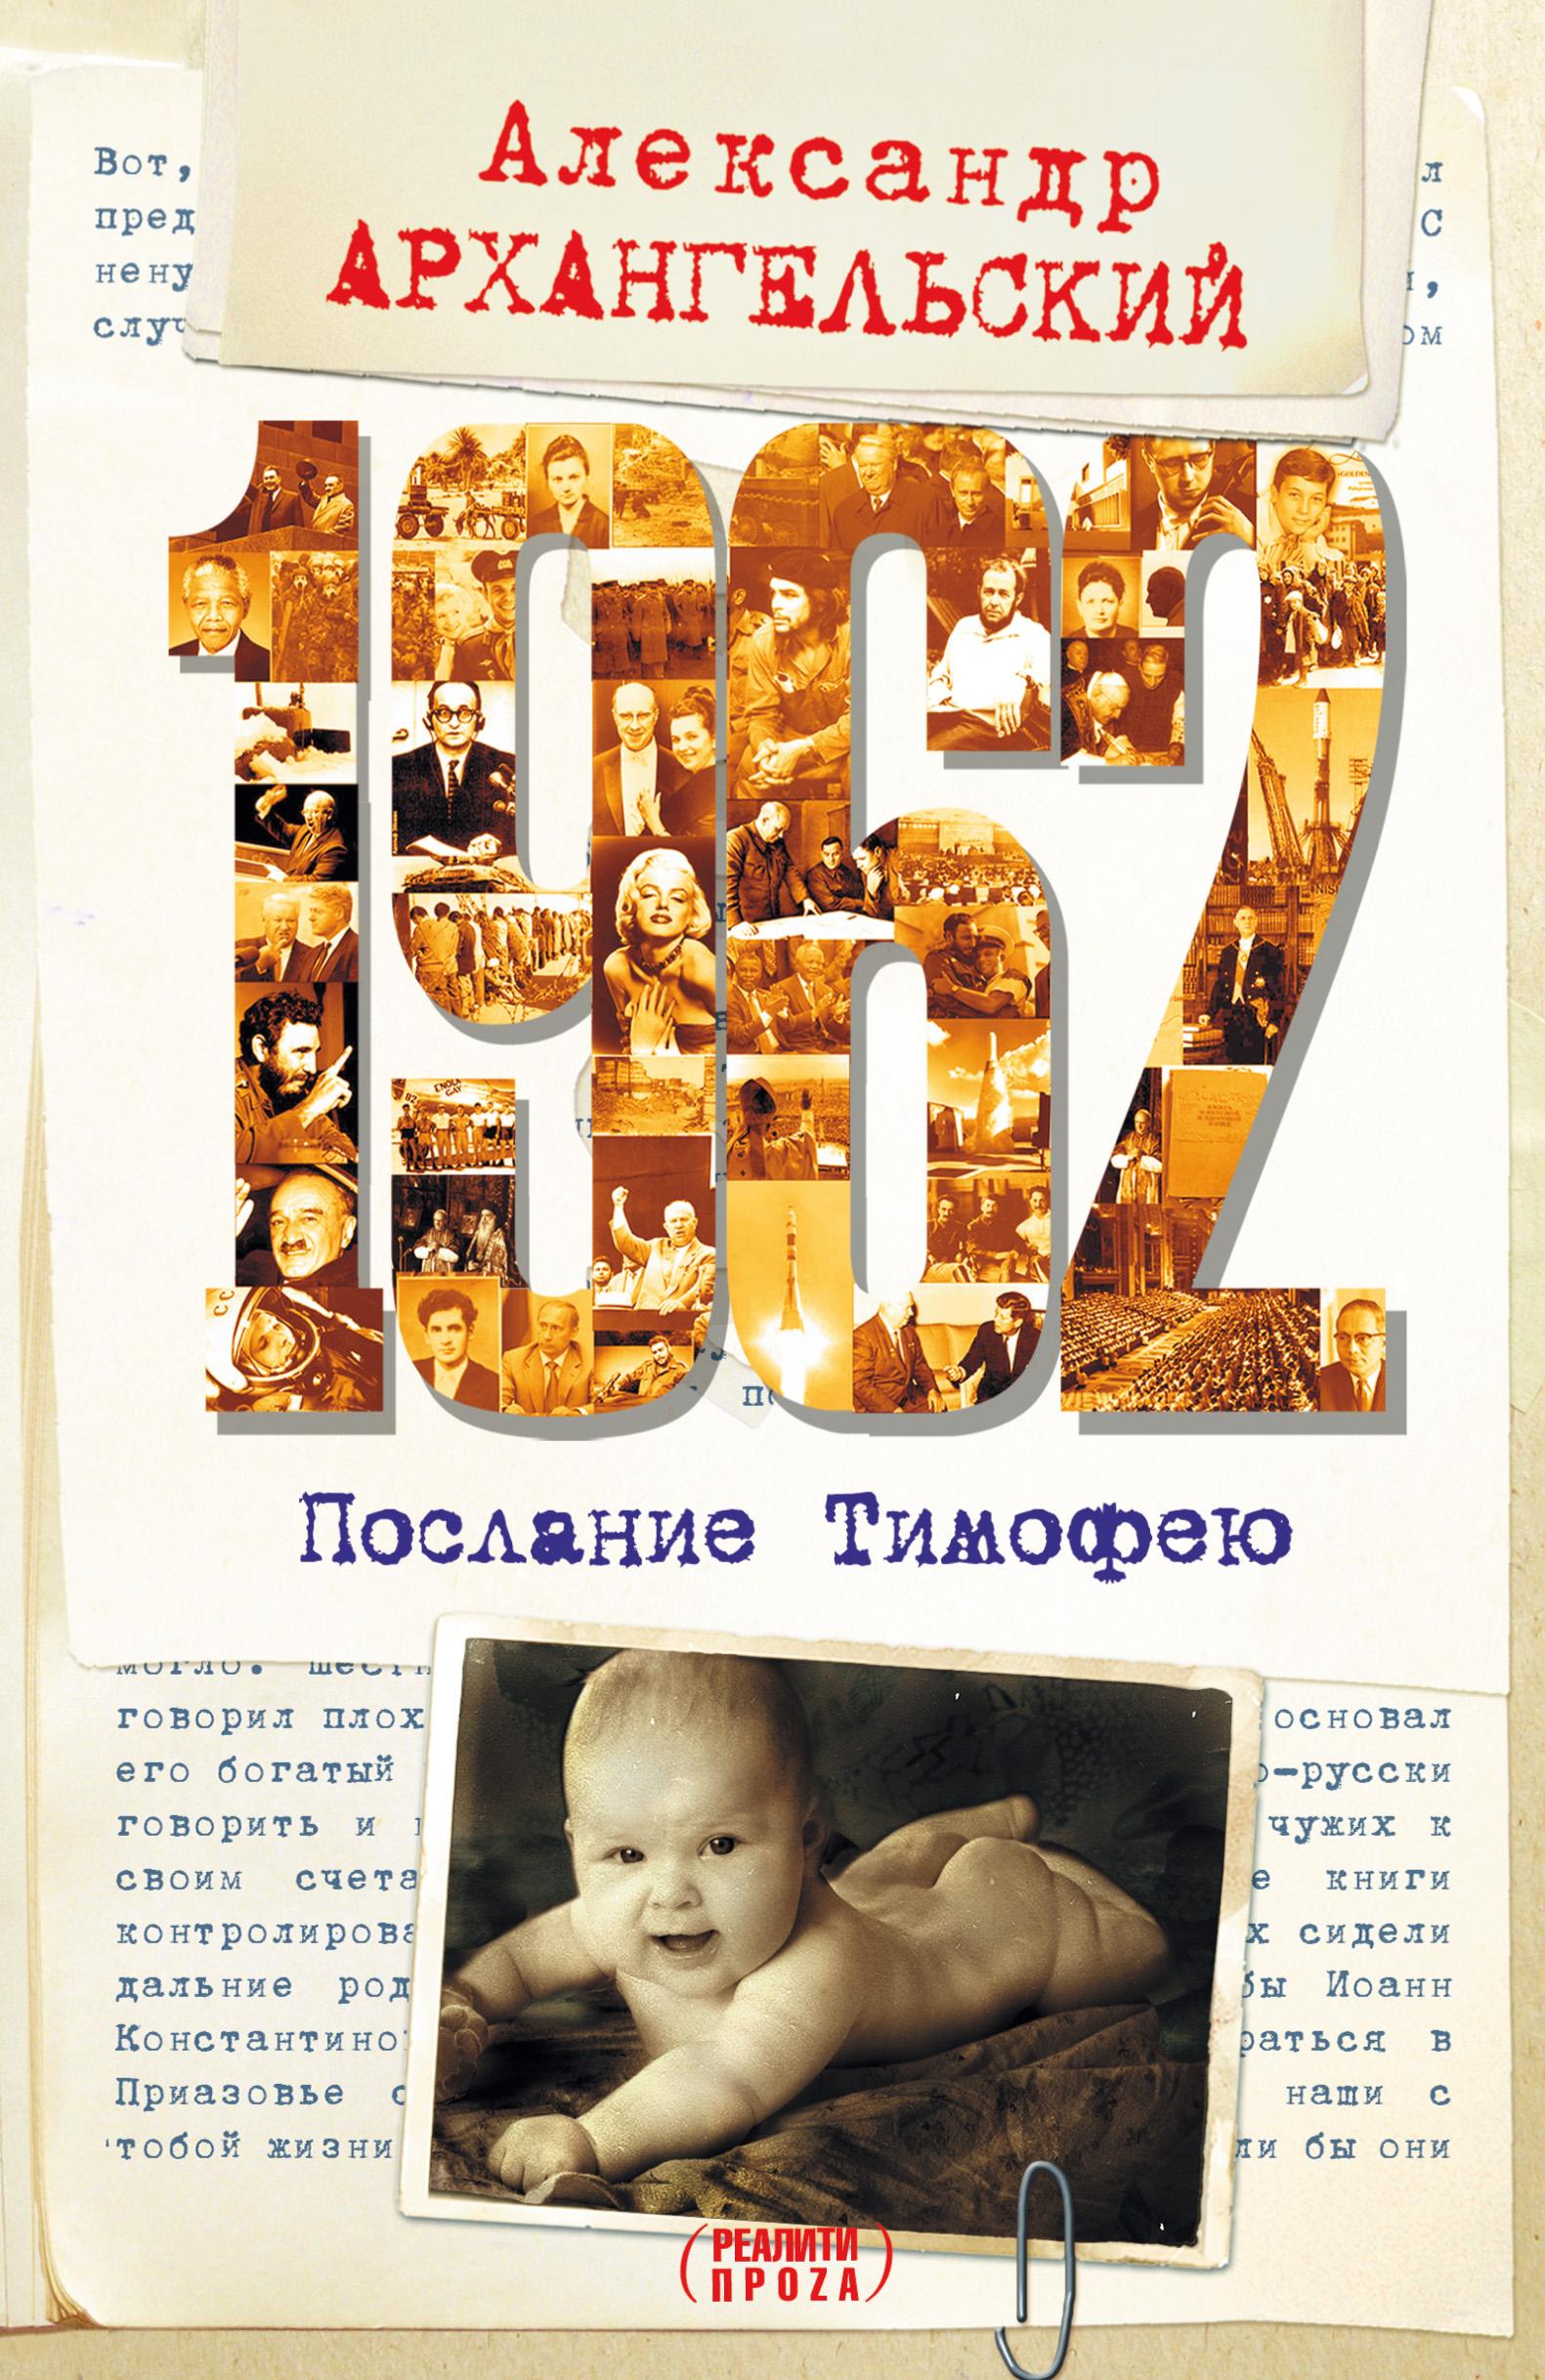 Александр Архангельский 1962. Послание к Тимофею александр воейков послание к н и гнедичу